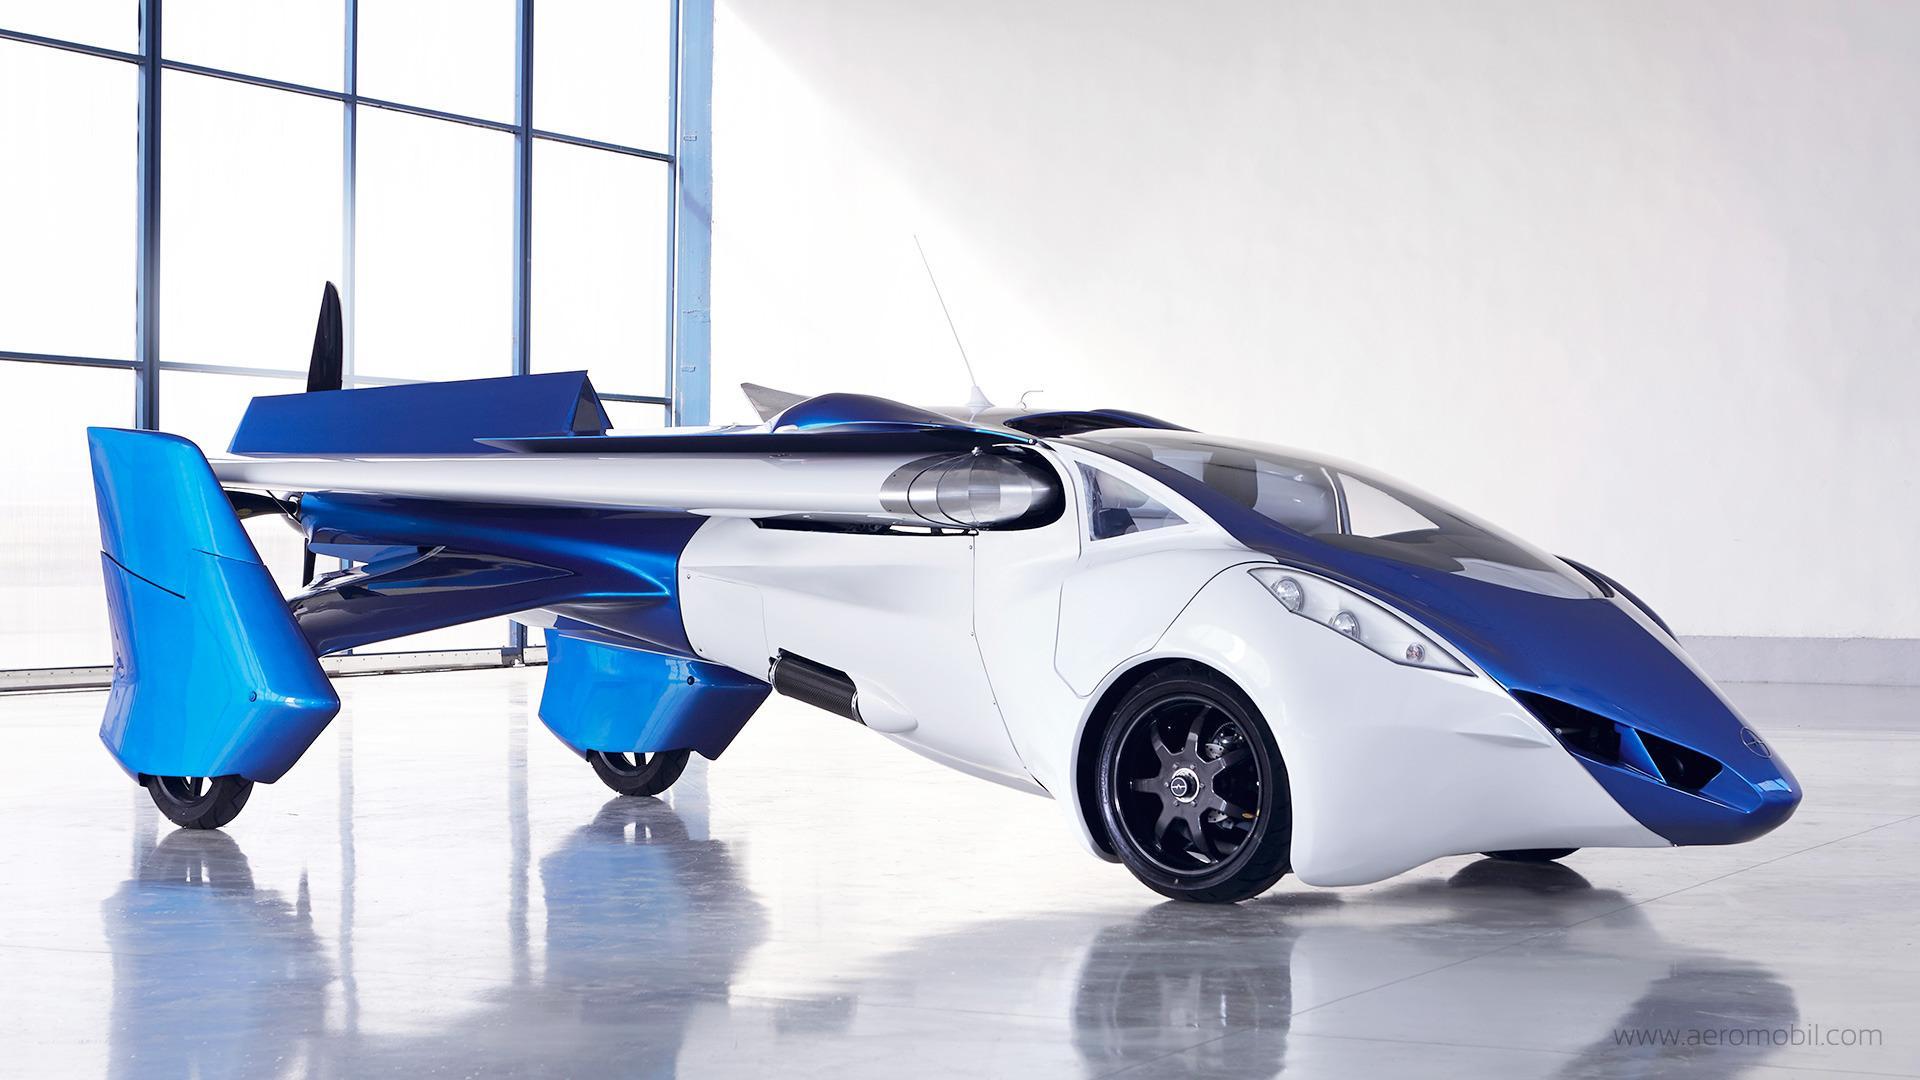 Den lekre prototypen under litt bedre omstendigheter. Foto: AeroMobil